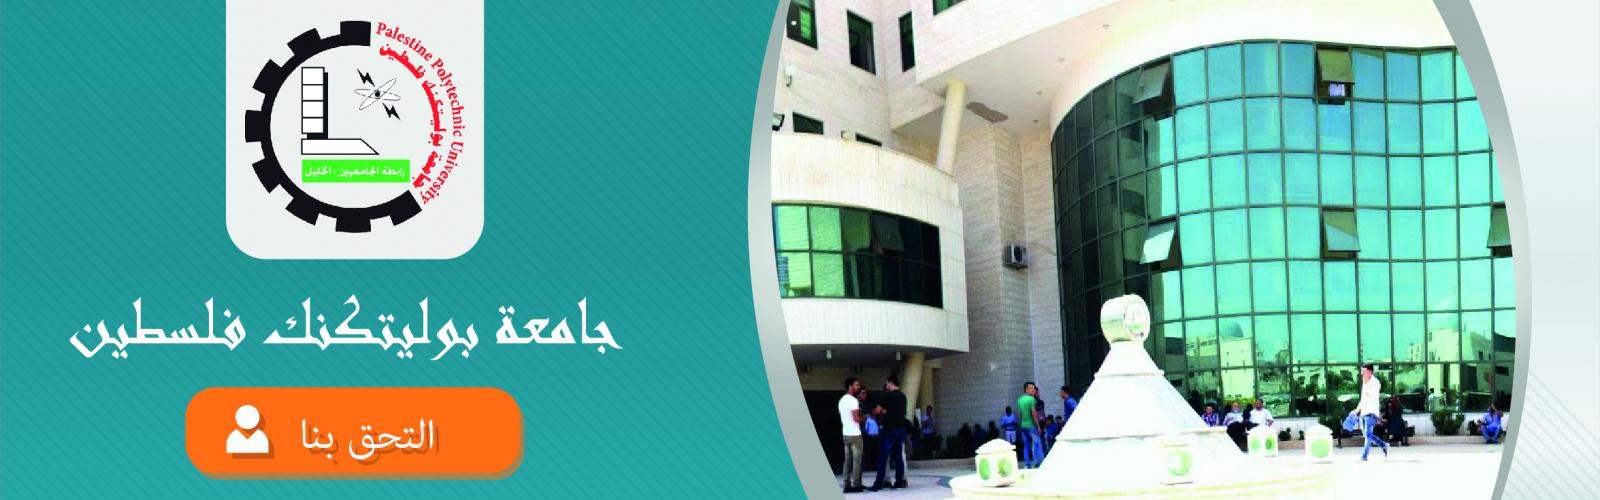 Palestine Polytechnic University (PPU) - برامج جامعة بوليتكنك فلسطين